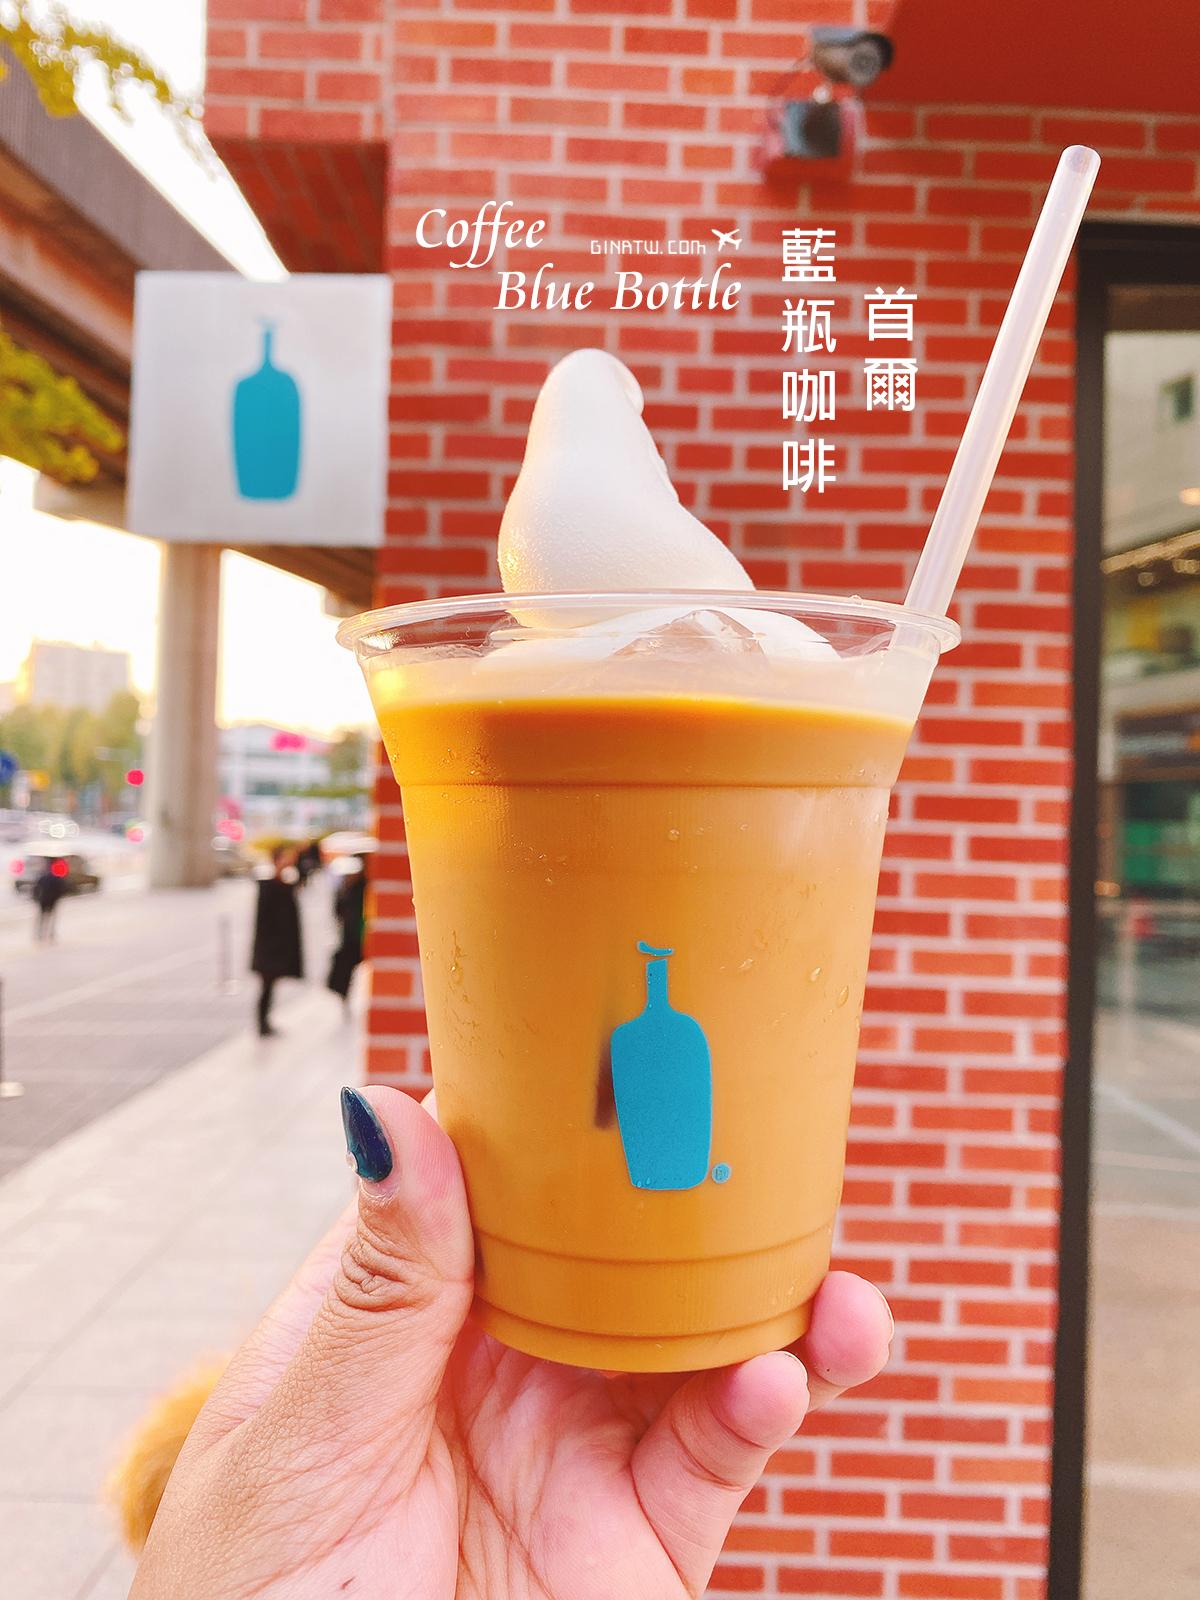 【首爾藍瓶咖啡】Blue Bottle Coffee|聖水、三清洞、狎鷗亭、江南 1.2.3.4號分店|菜單地圖、韓國所有分店地址、營業資訊 @GINA環球旅行生活|不會韓文也可以去韓國